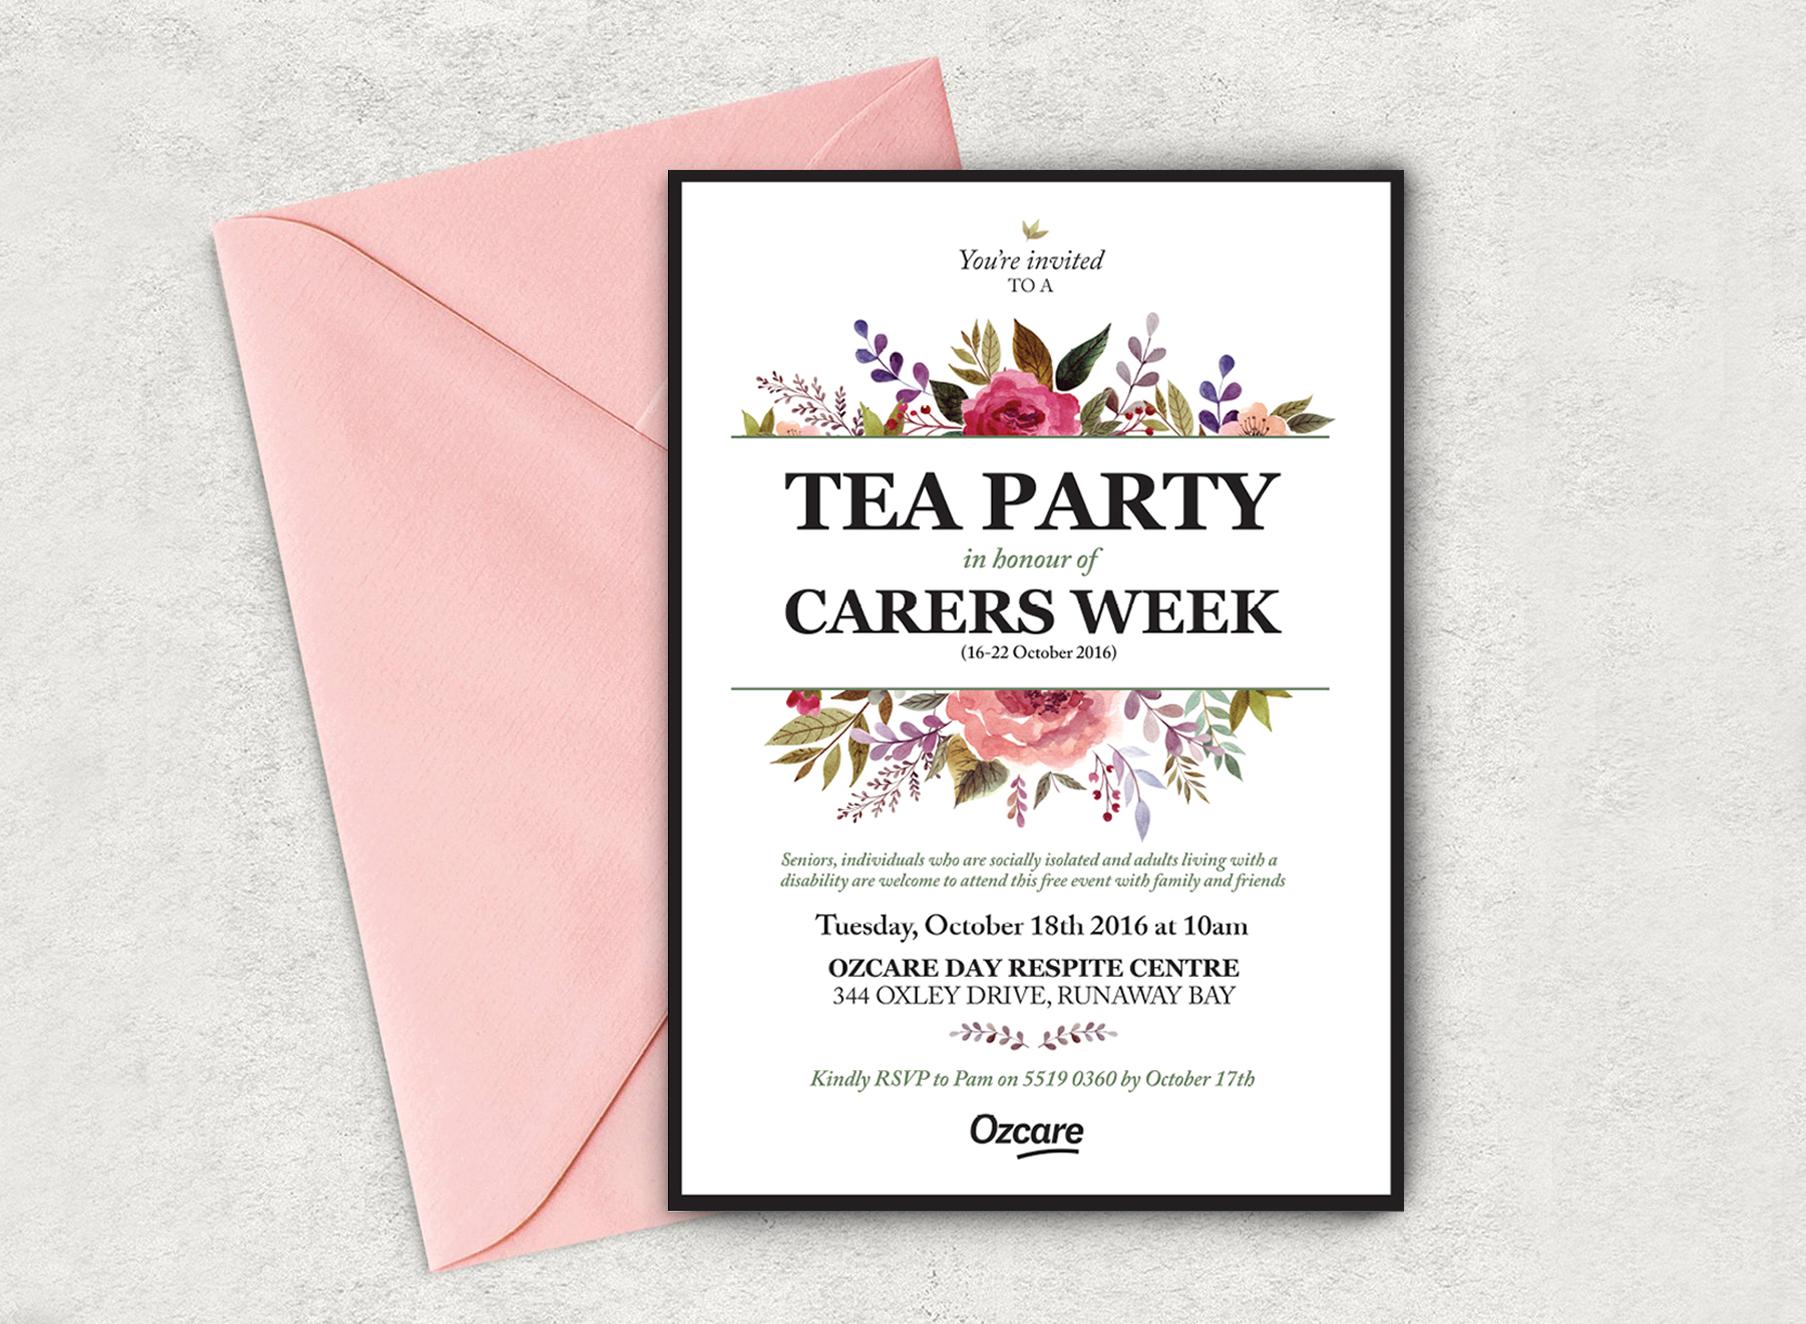 Ozcare Tea Party Invite - Folio Graphic Design